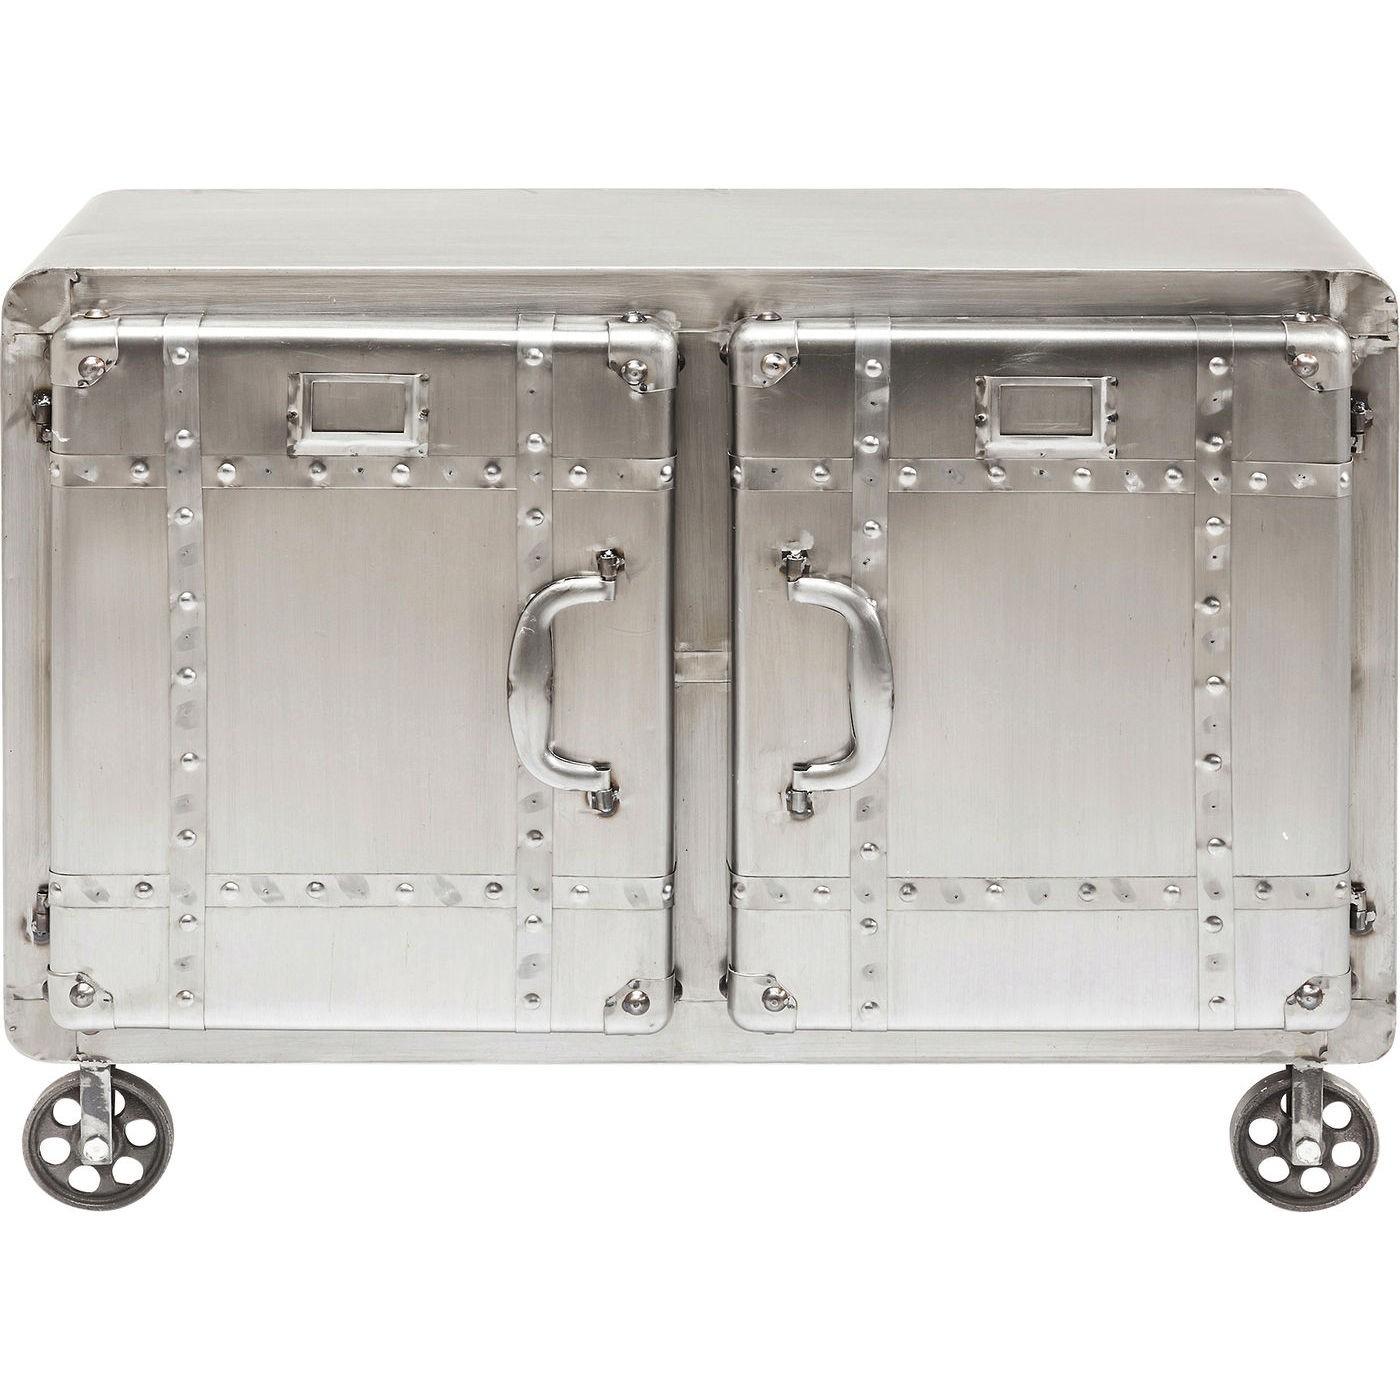 kare design – Kare design buster skab - sølv stål m. nitter - m. 2 låger, 2 hylder og hjul på boboonline.dk